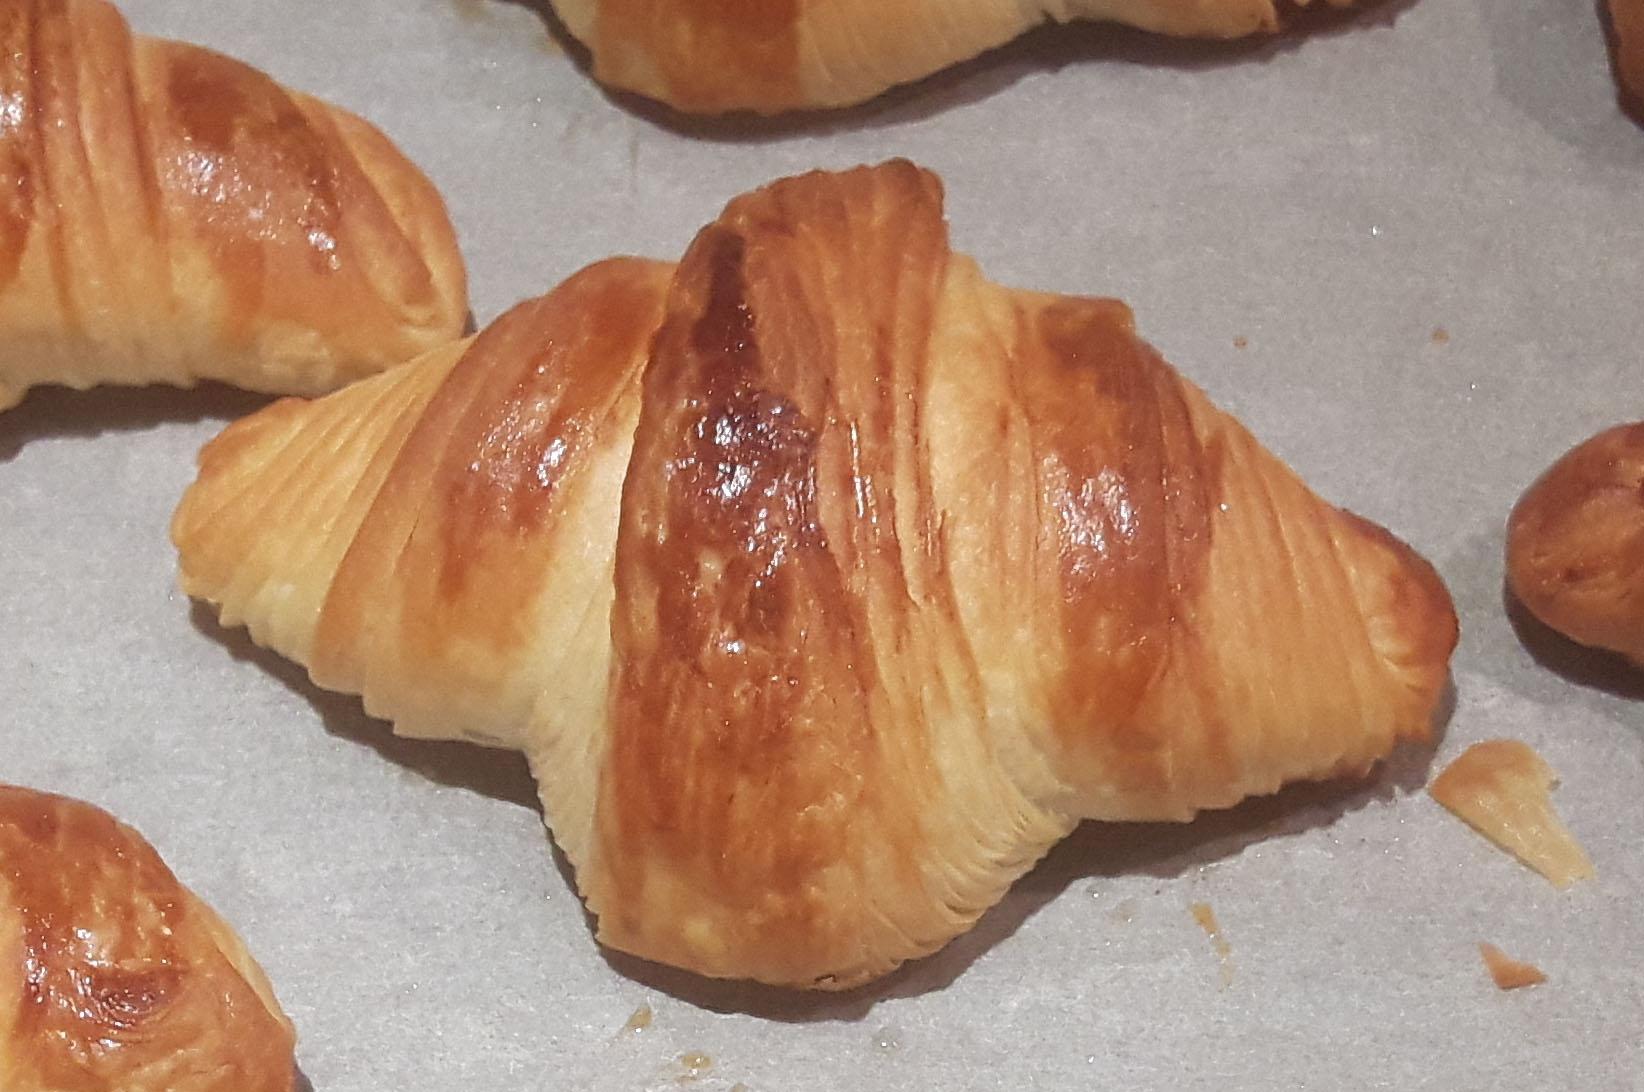 Croissant at home_eet!verleden